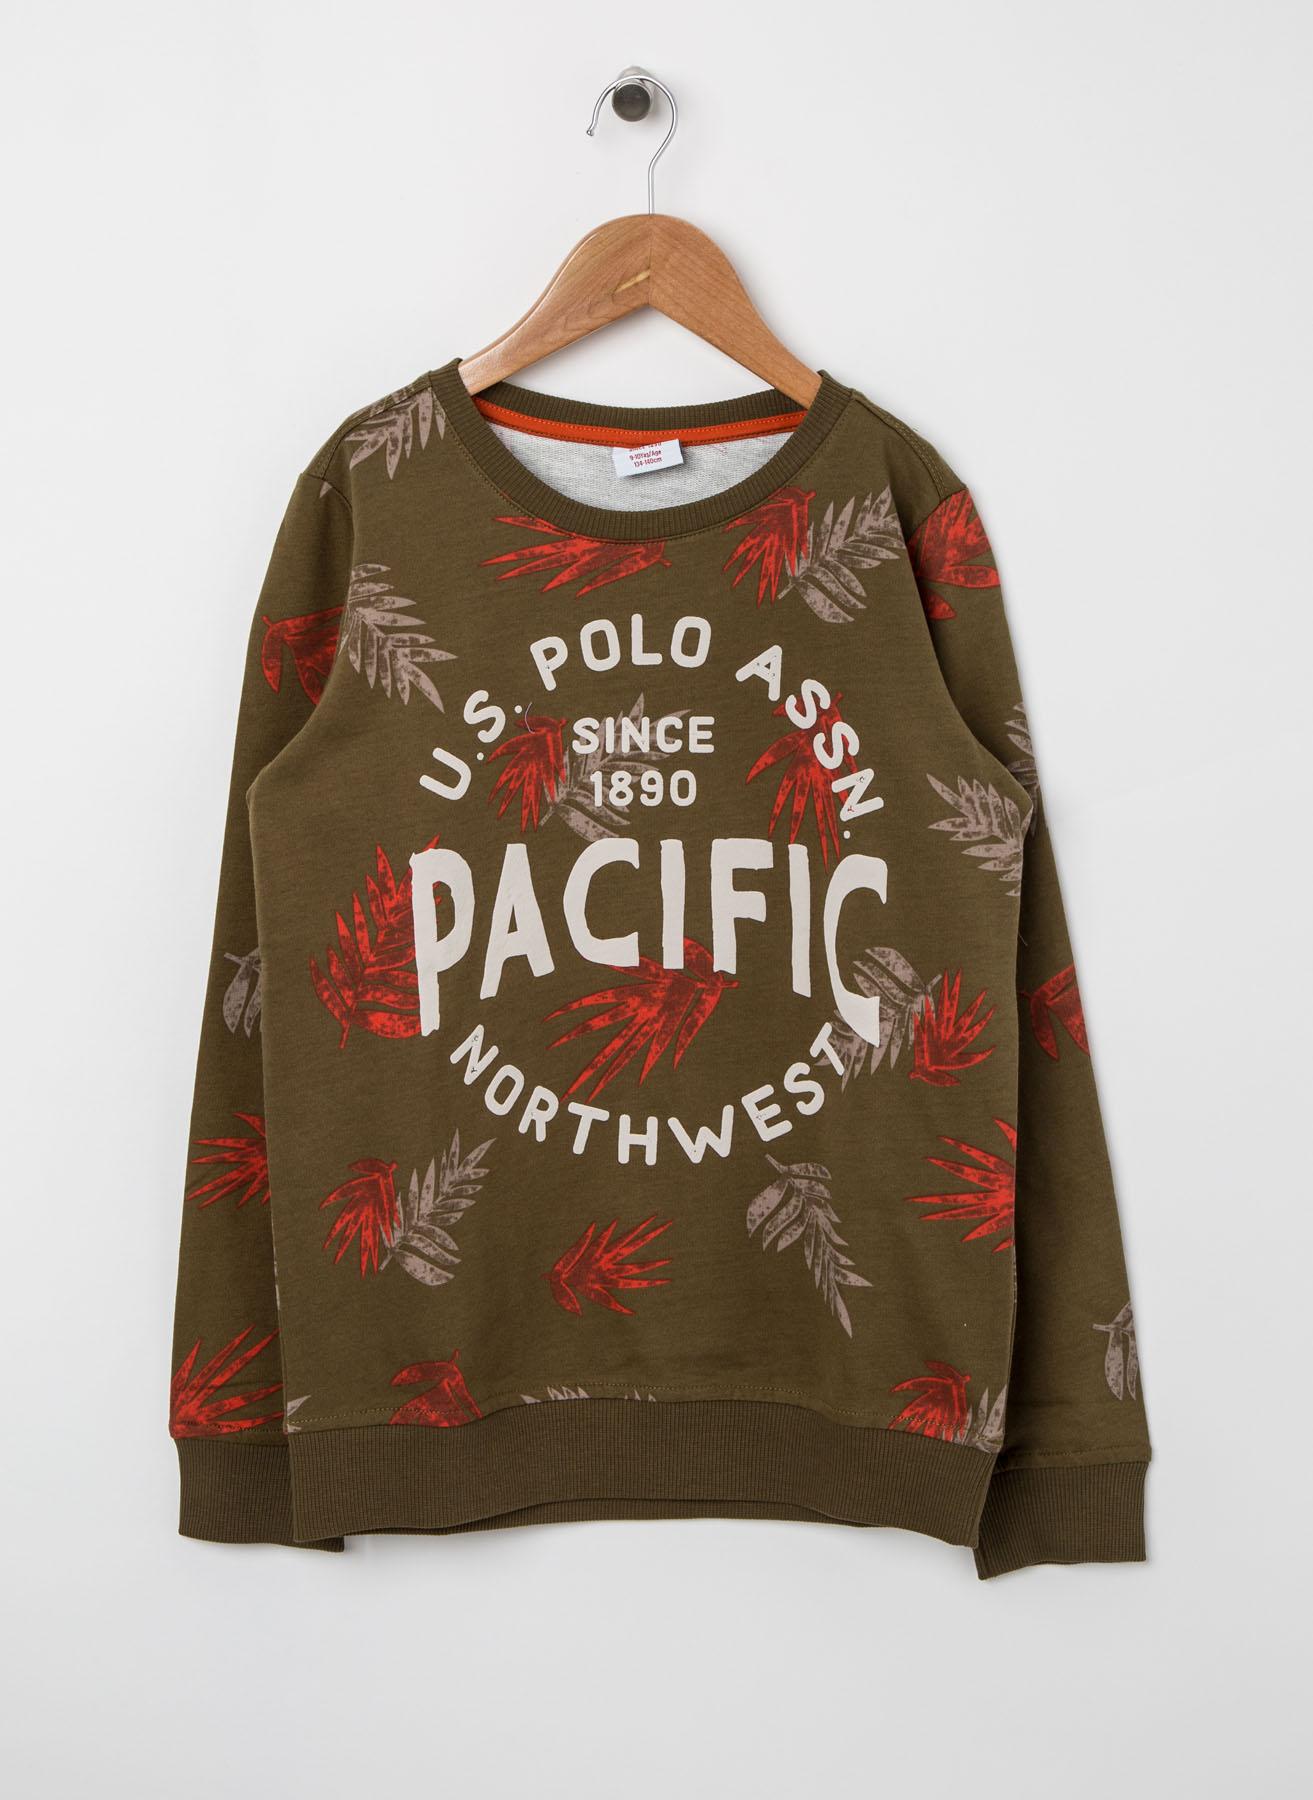 U.S. Polo Assn. Genç Erkek Baskılı Haki Sweatshirt 4 Yaş 5001704623006 Ürün Resmi